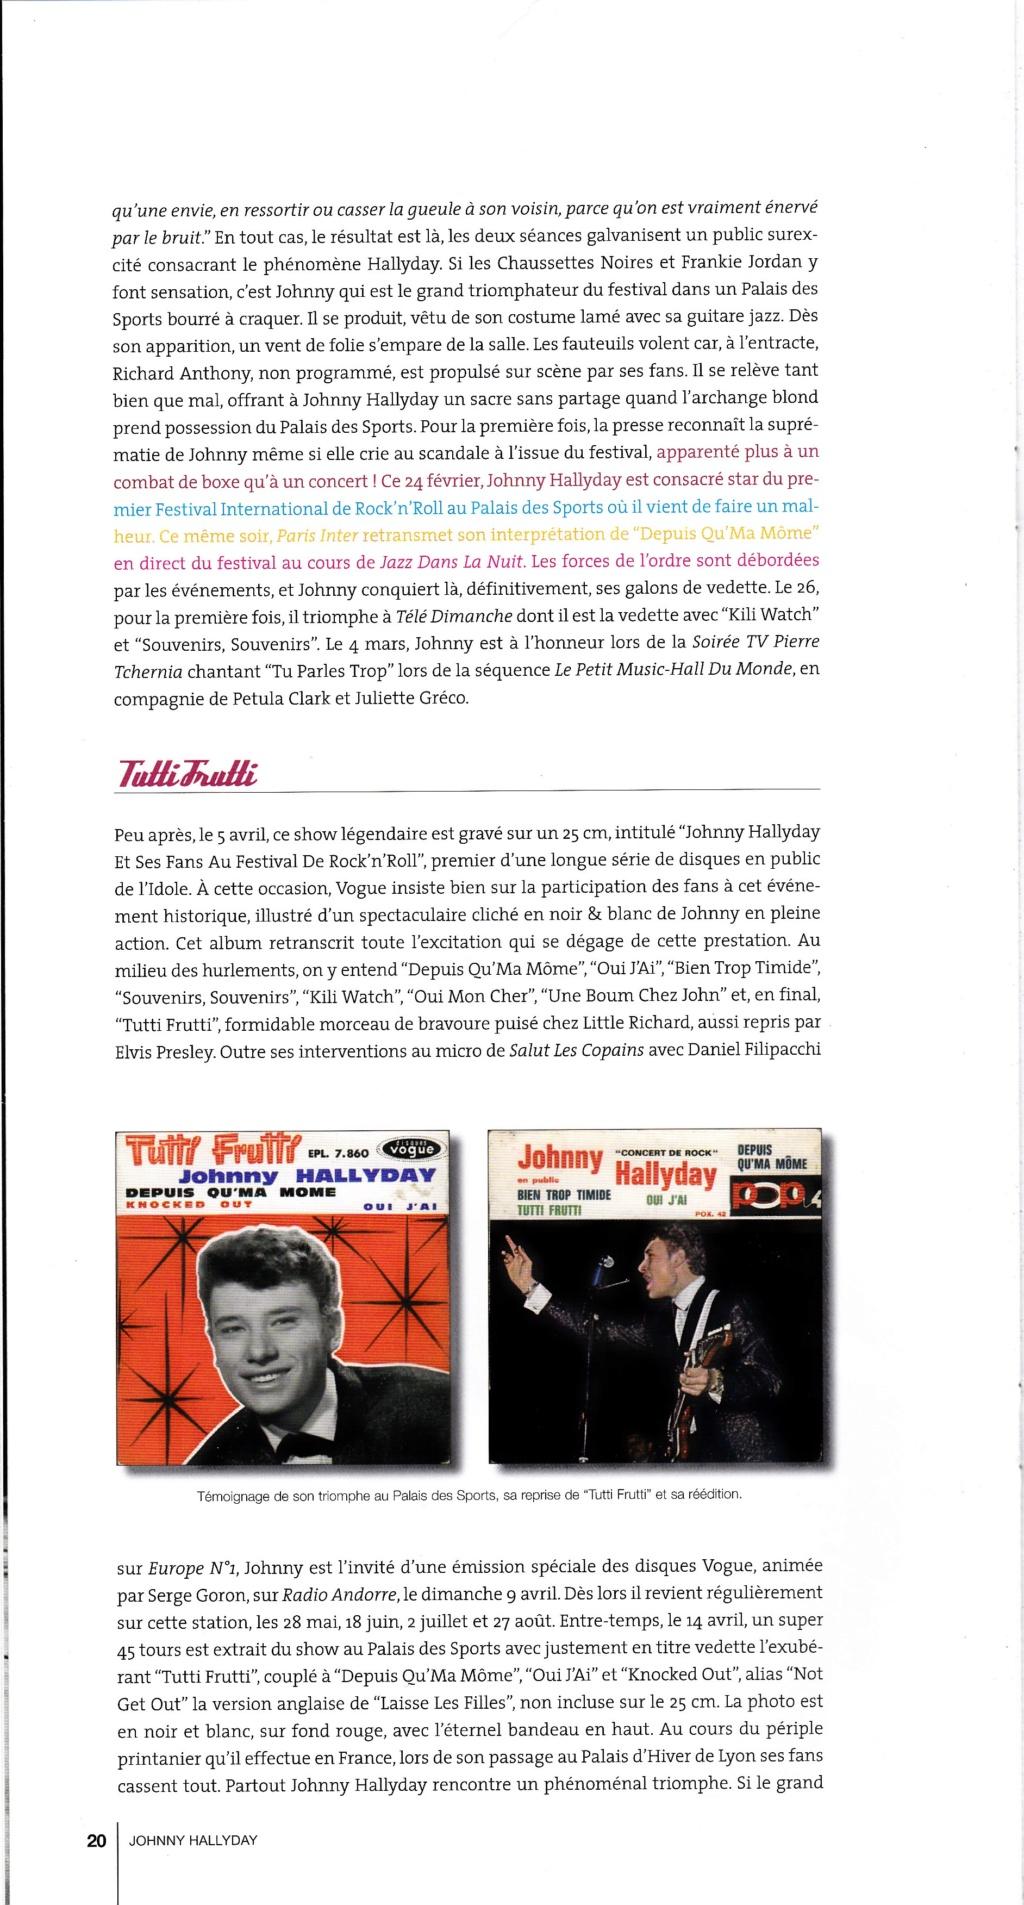 COFFRET 5 CD SOUVENIRS SOUVENIRS 2006_s32